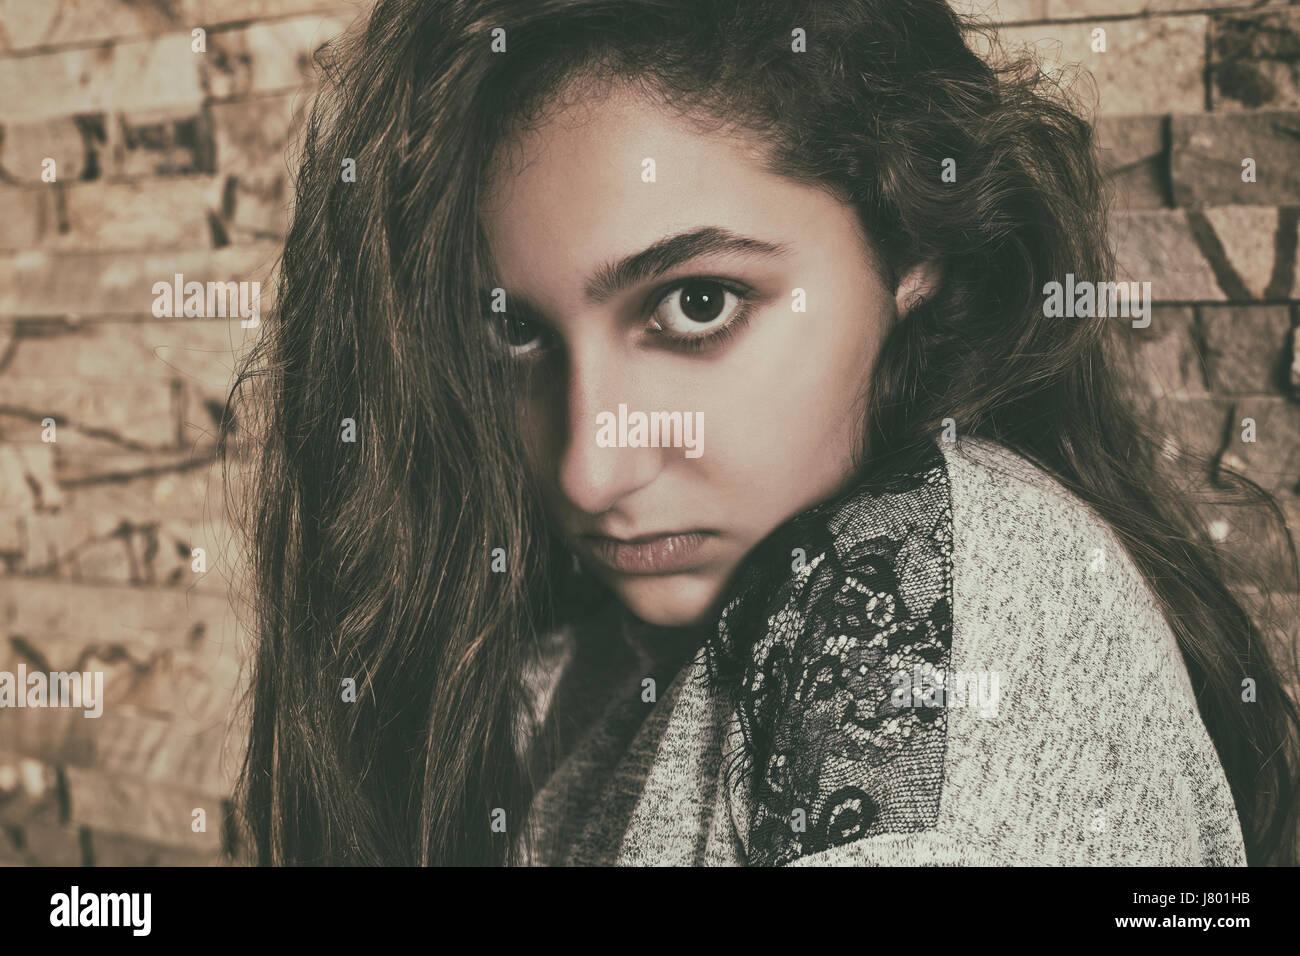 Porträt von einem schweren Teen Mädchen starrte Stockbild